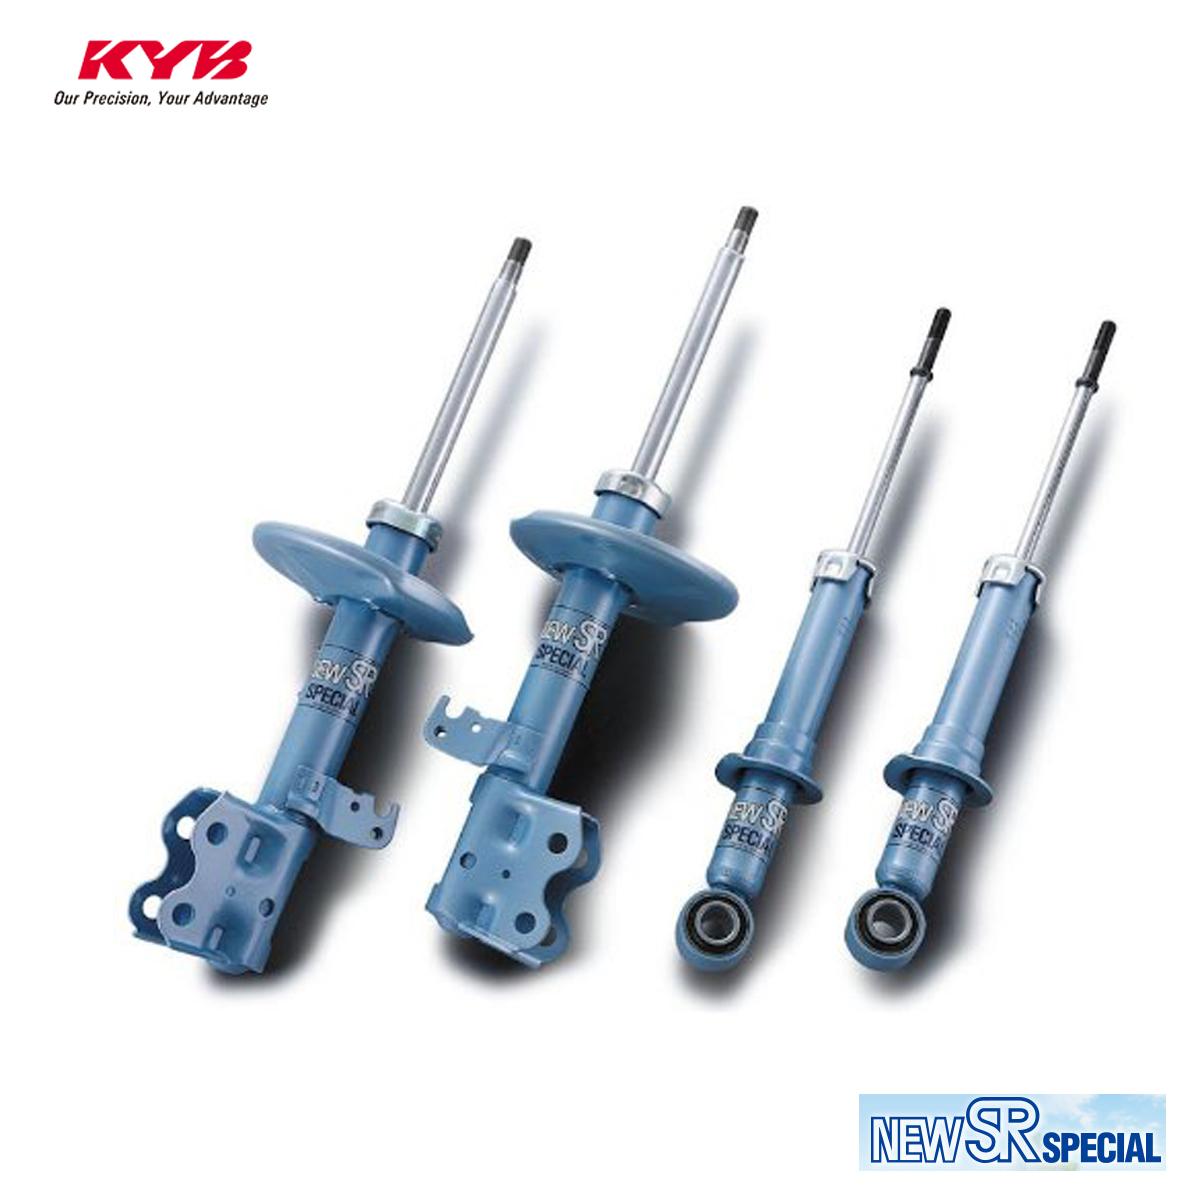 KYB カヤバ フロンテ CP11S ショックアブソーバー フロント 右用 1本 NEW SR SPECIAL NST8006R 配送先条件有り